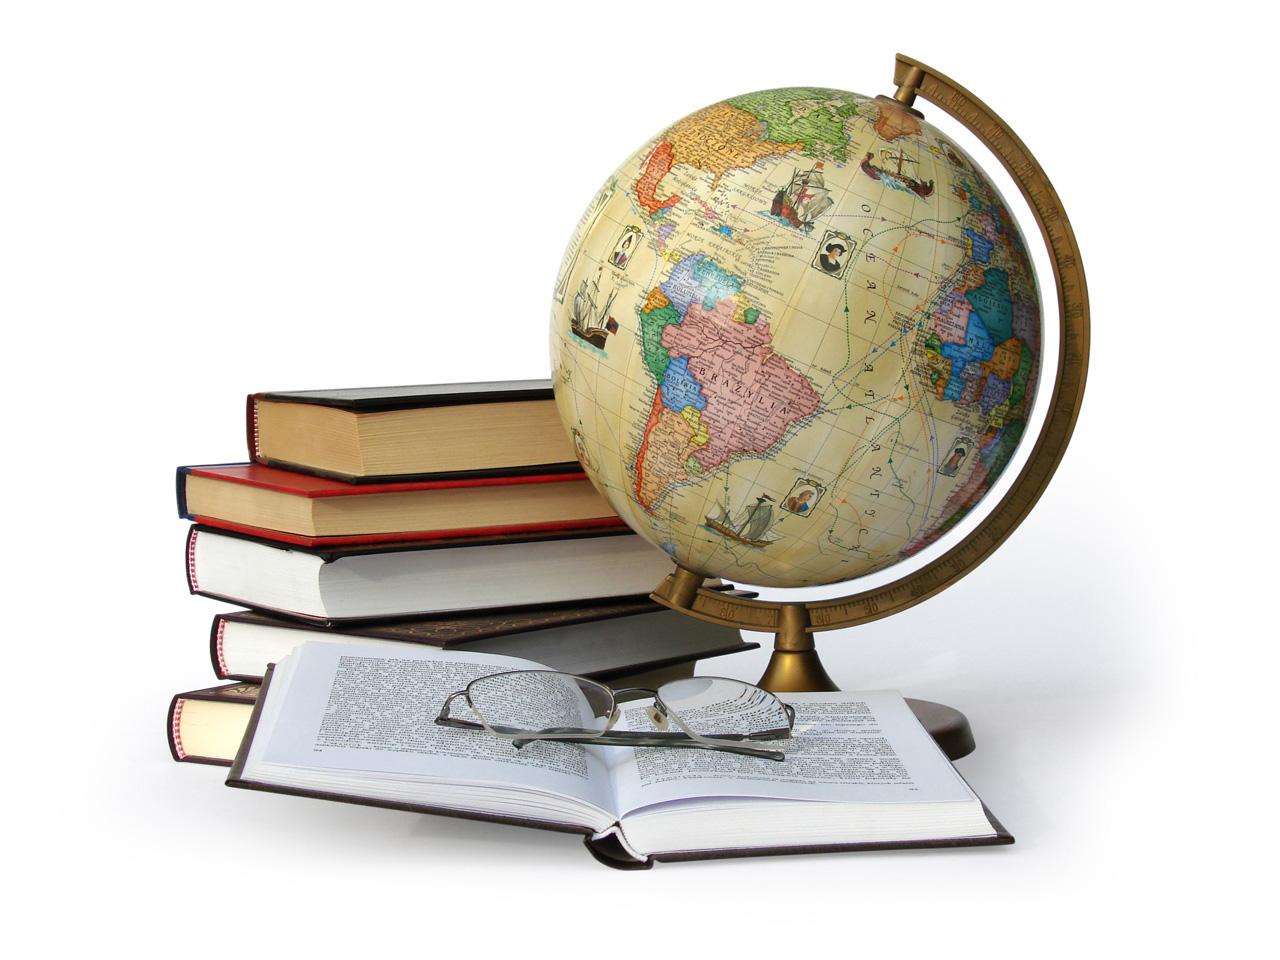 Открытка. С днем учителя. Книги, глобус, очки открытки фото рисунки картинки поздравления